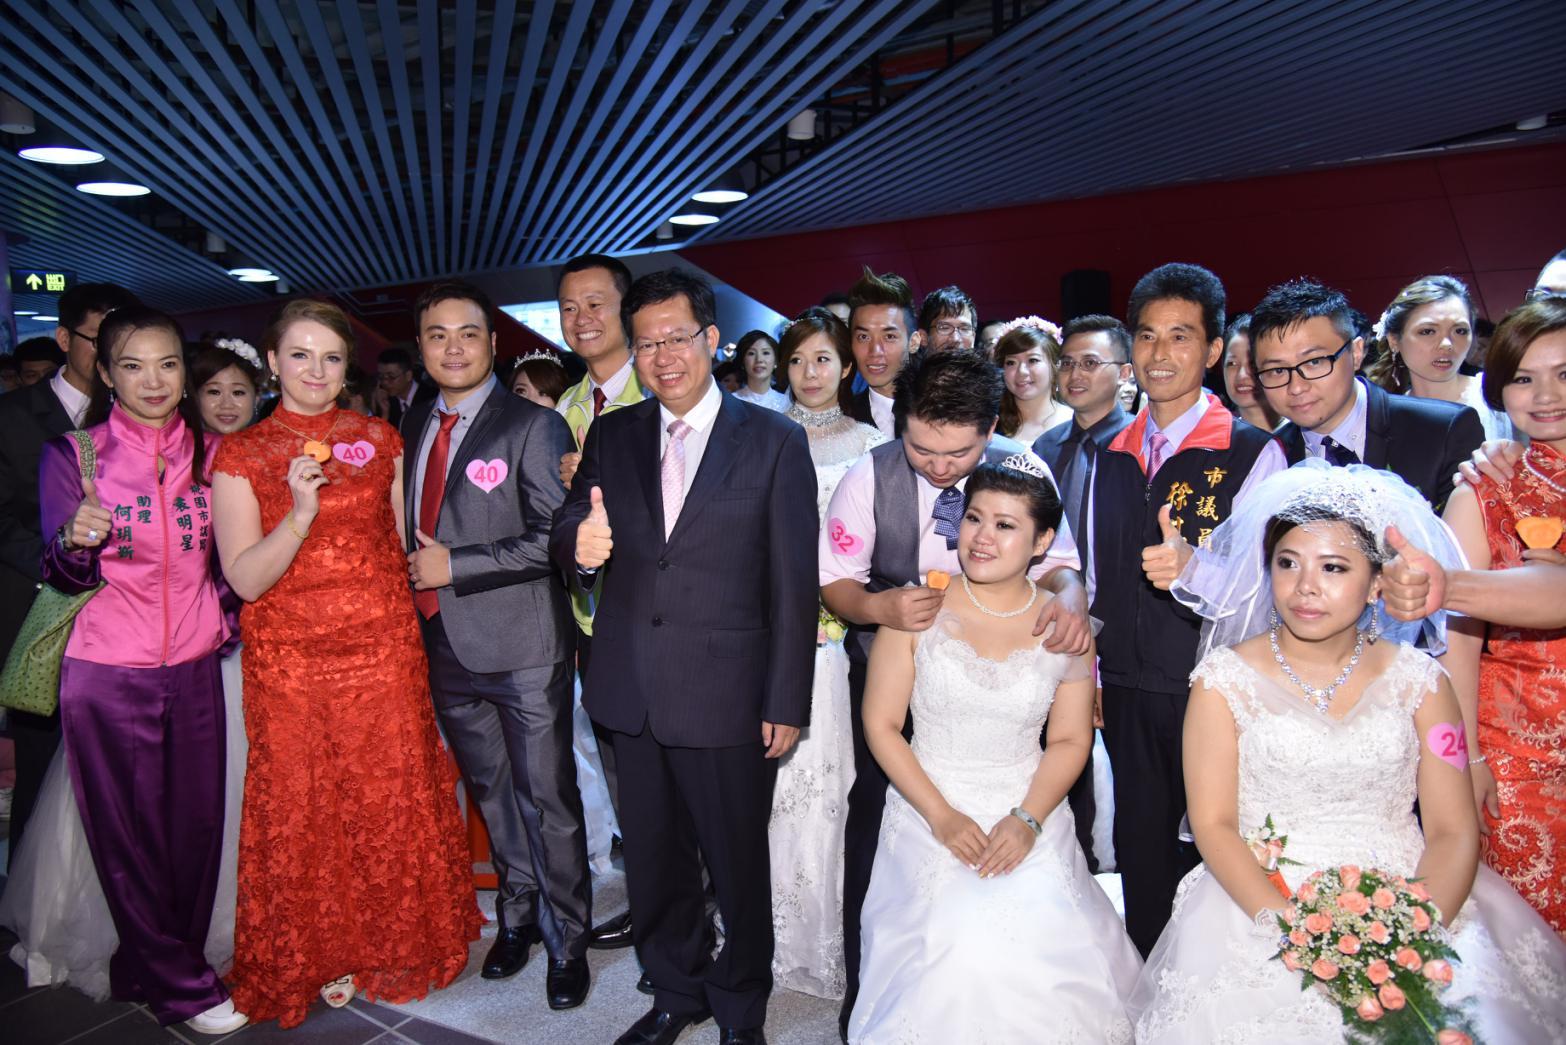 市民聯合婚禮活動